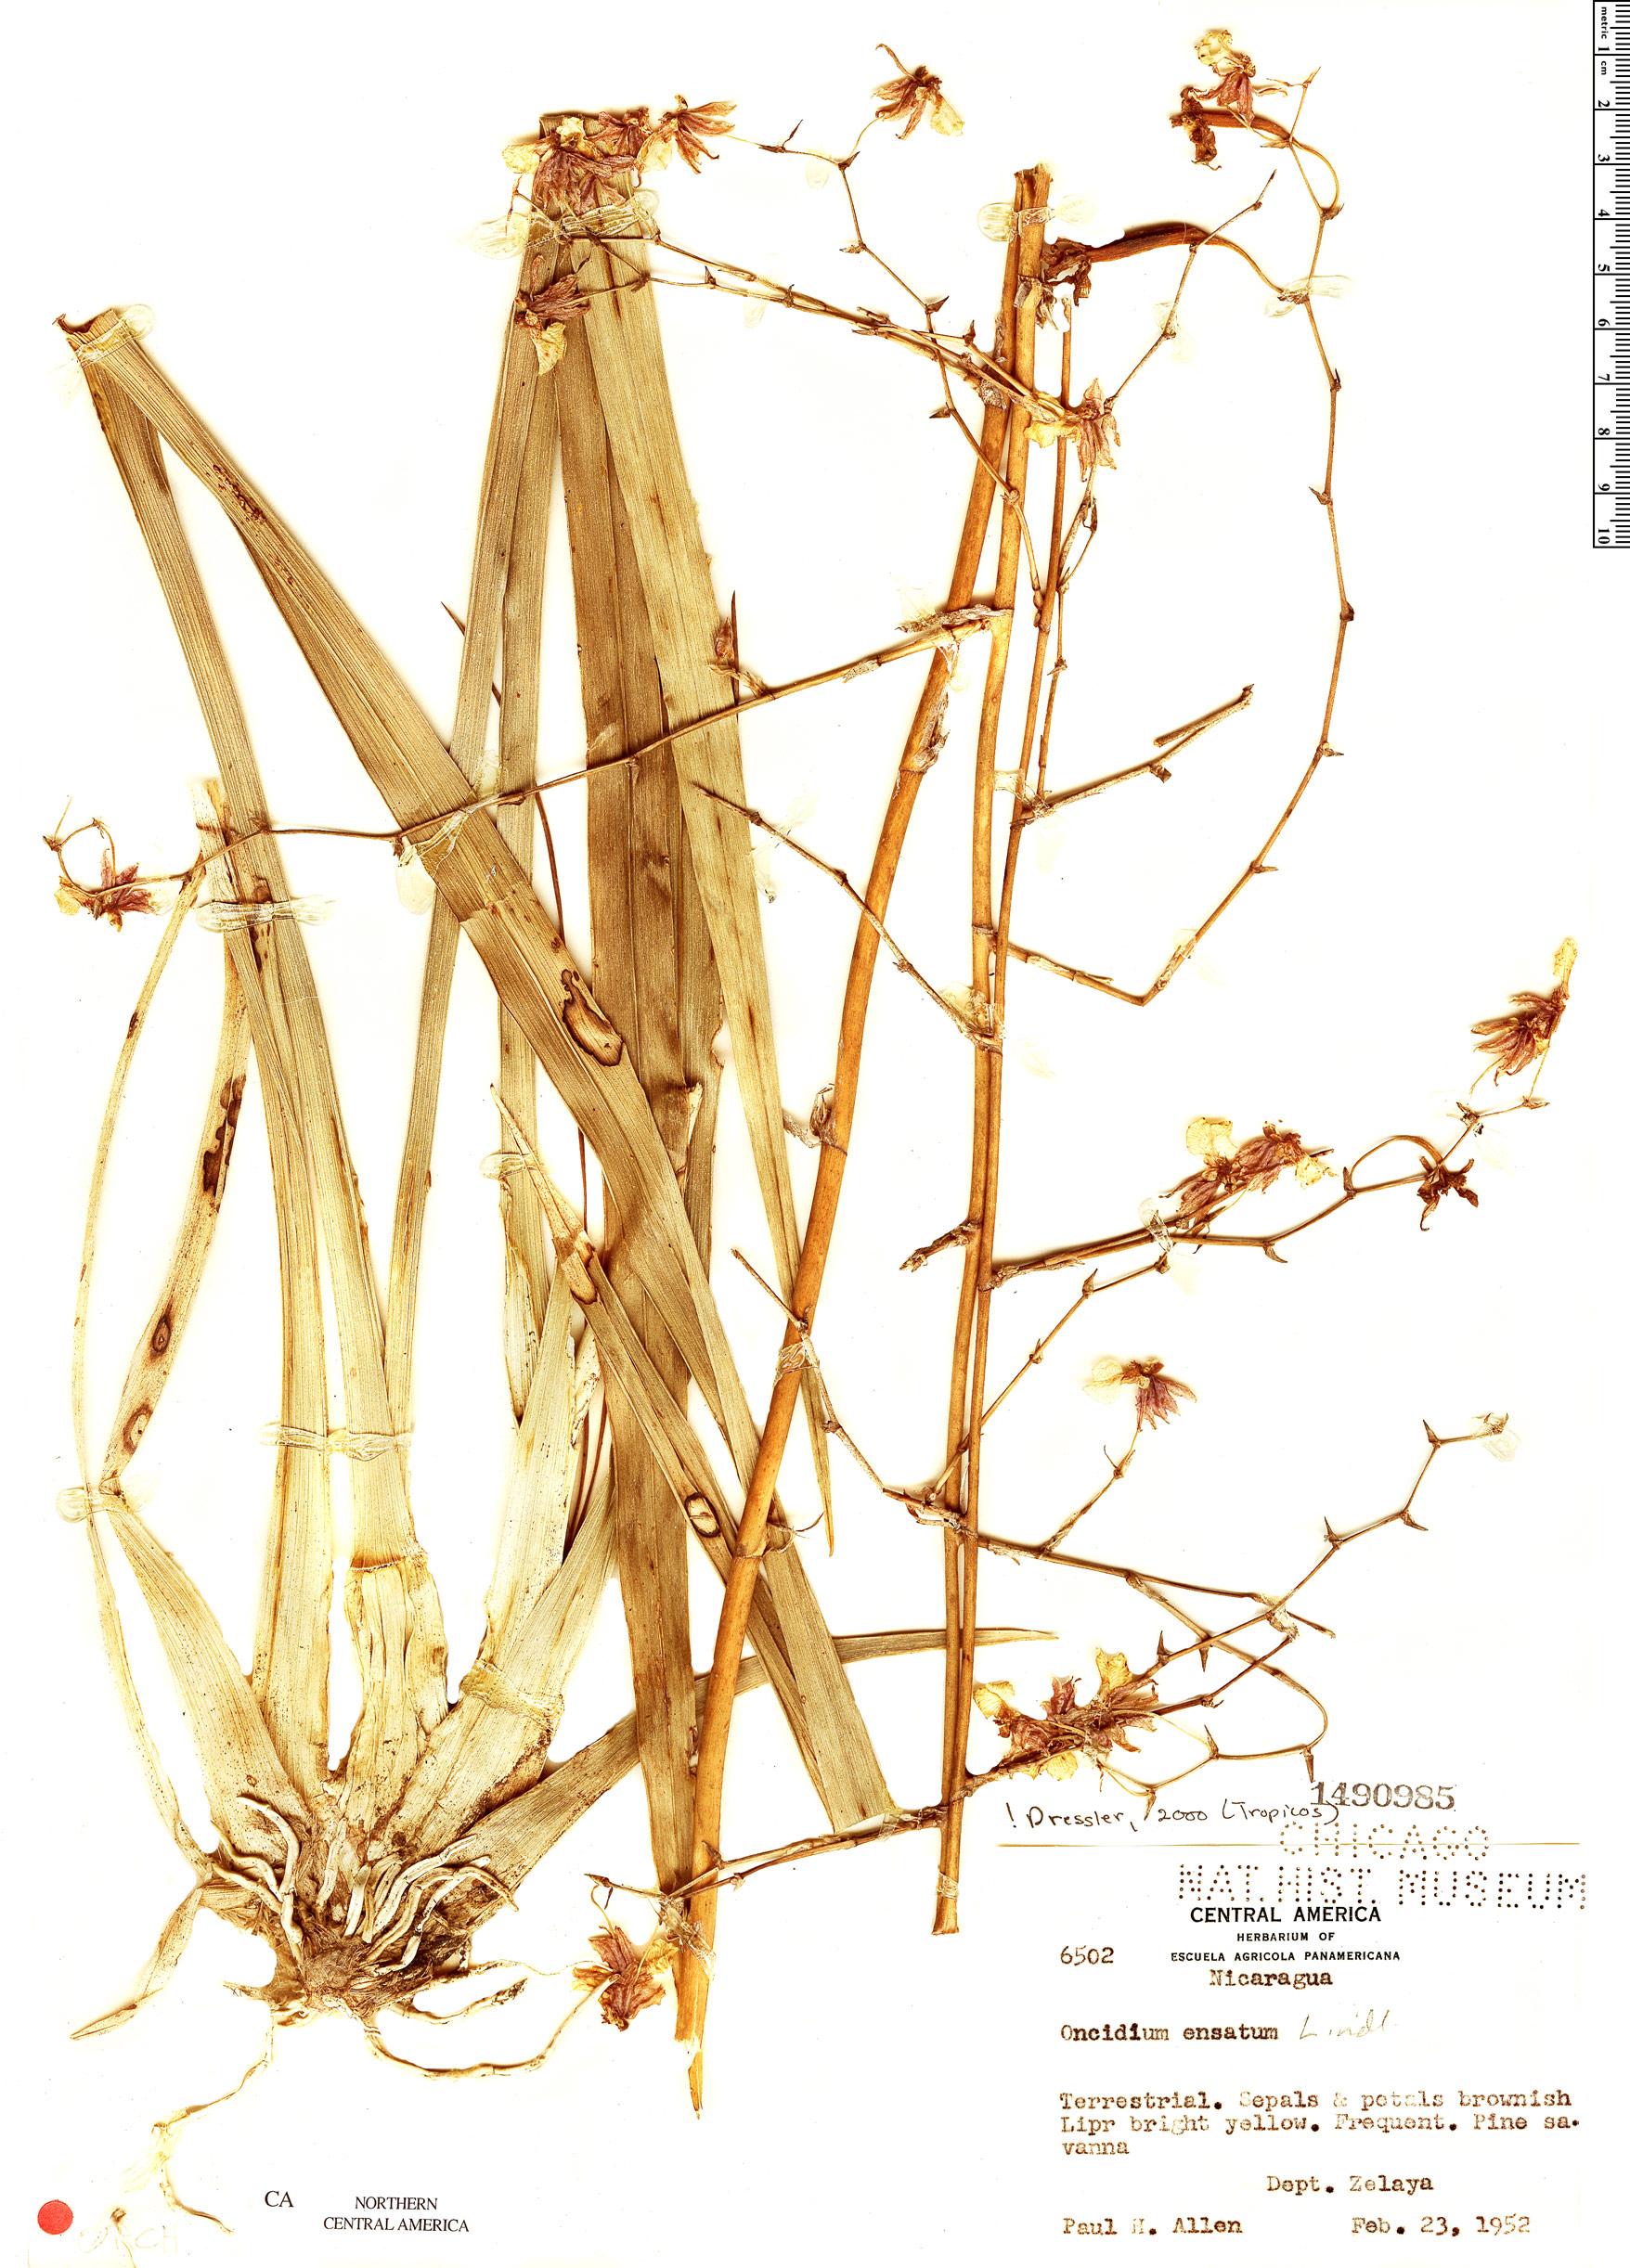 Specimen: Oncidium ensatum